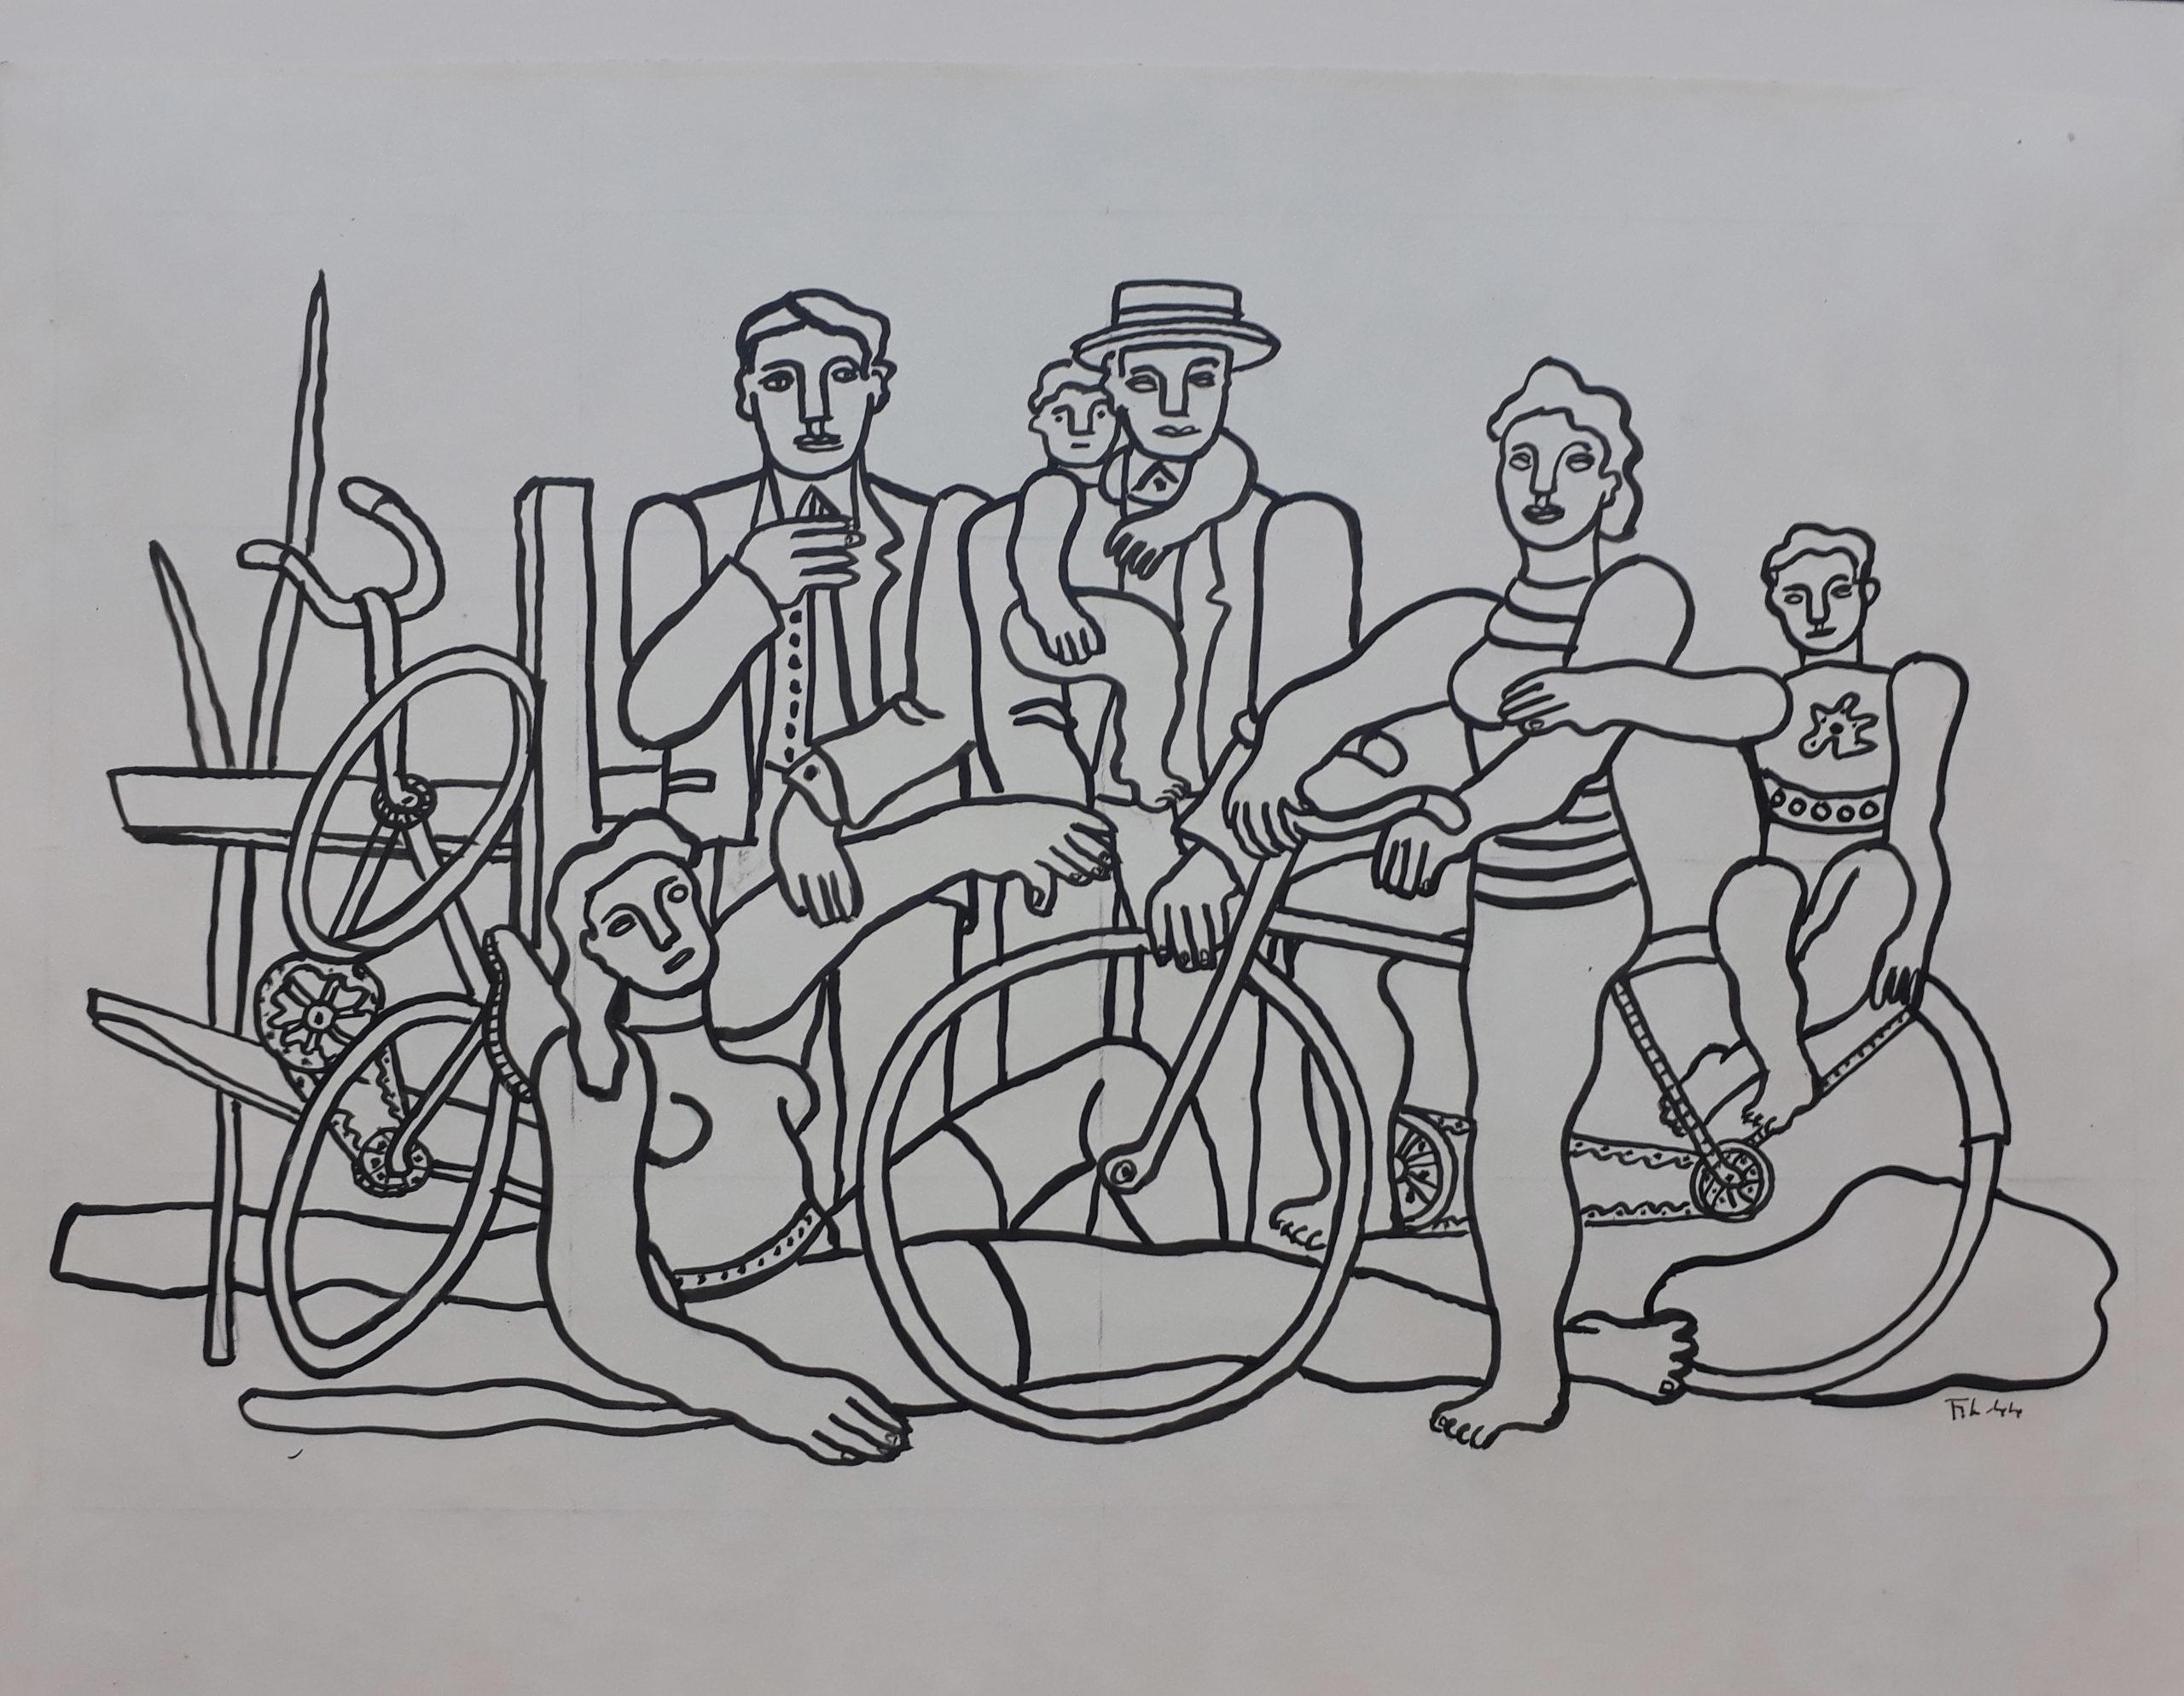 Fernand Léger - Les loisirs 1944 Encre sur papier 32 x 44cm Coll. part.